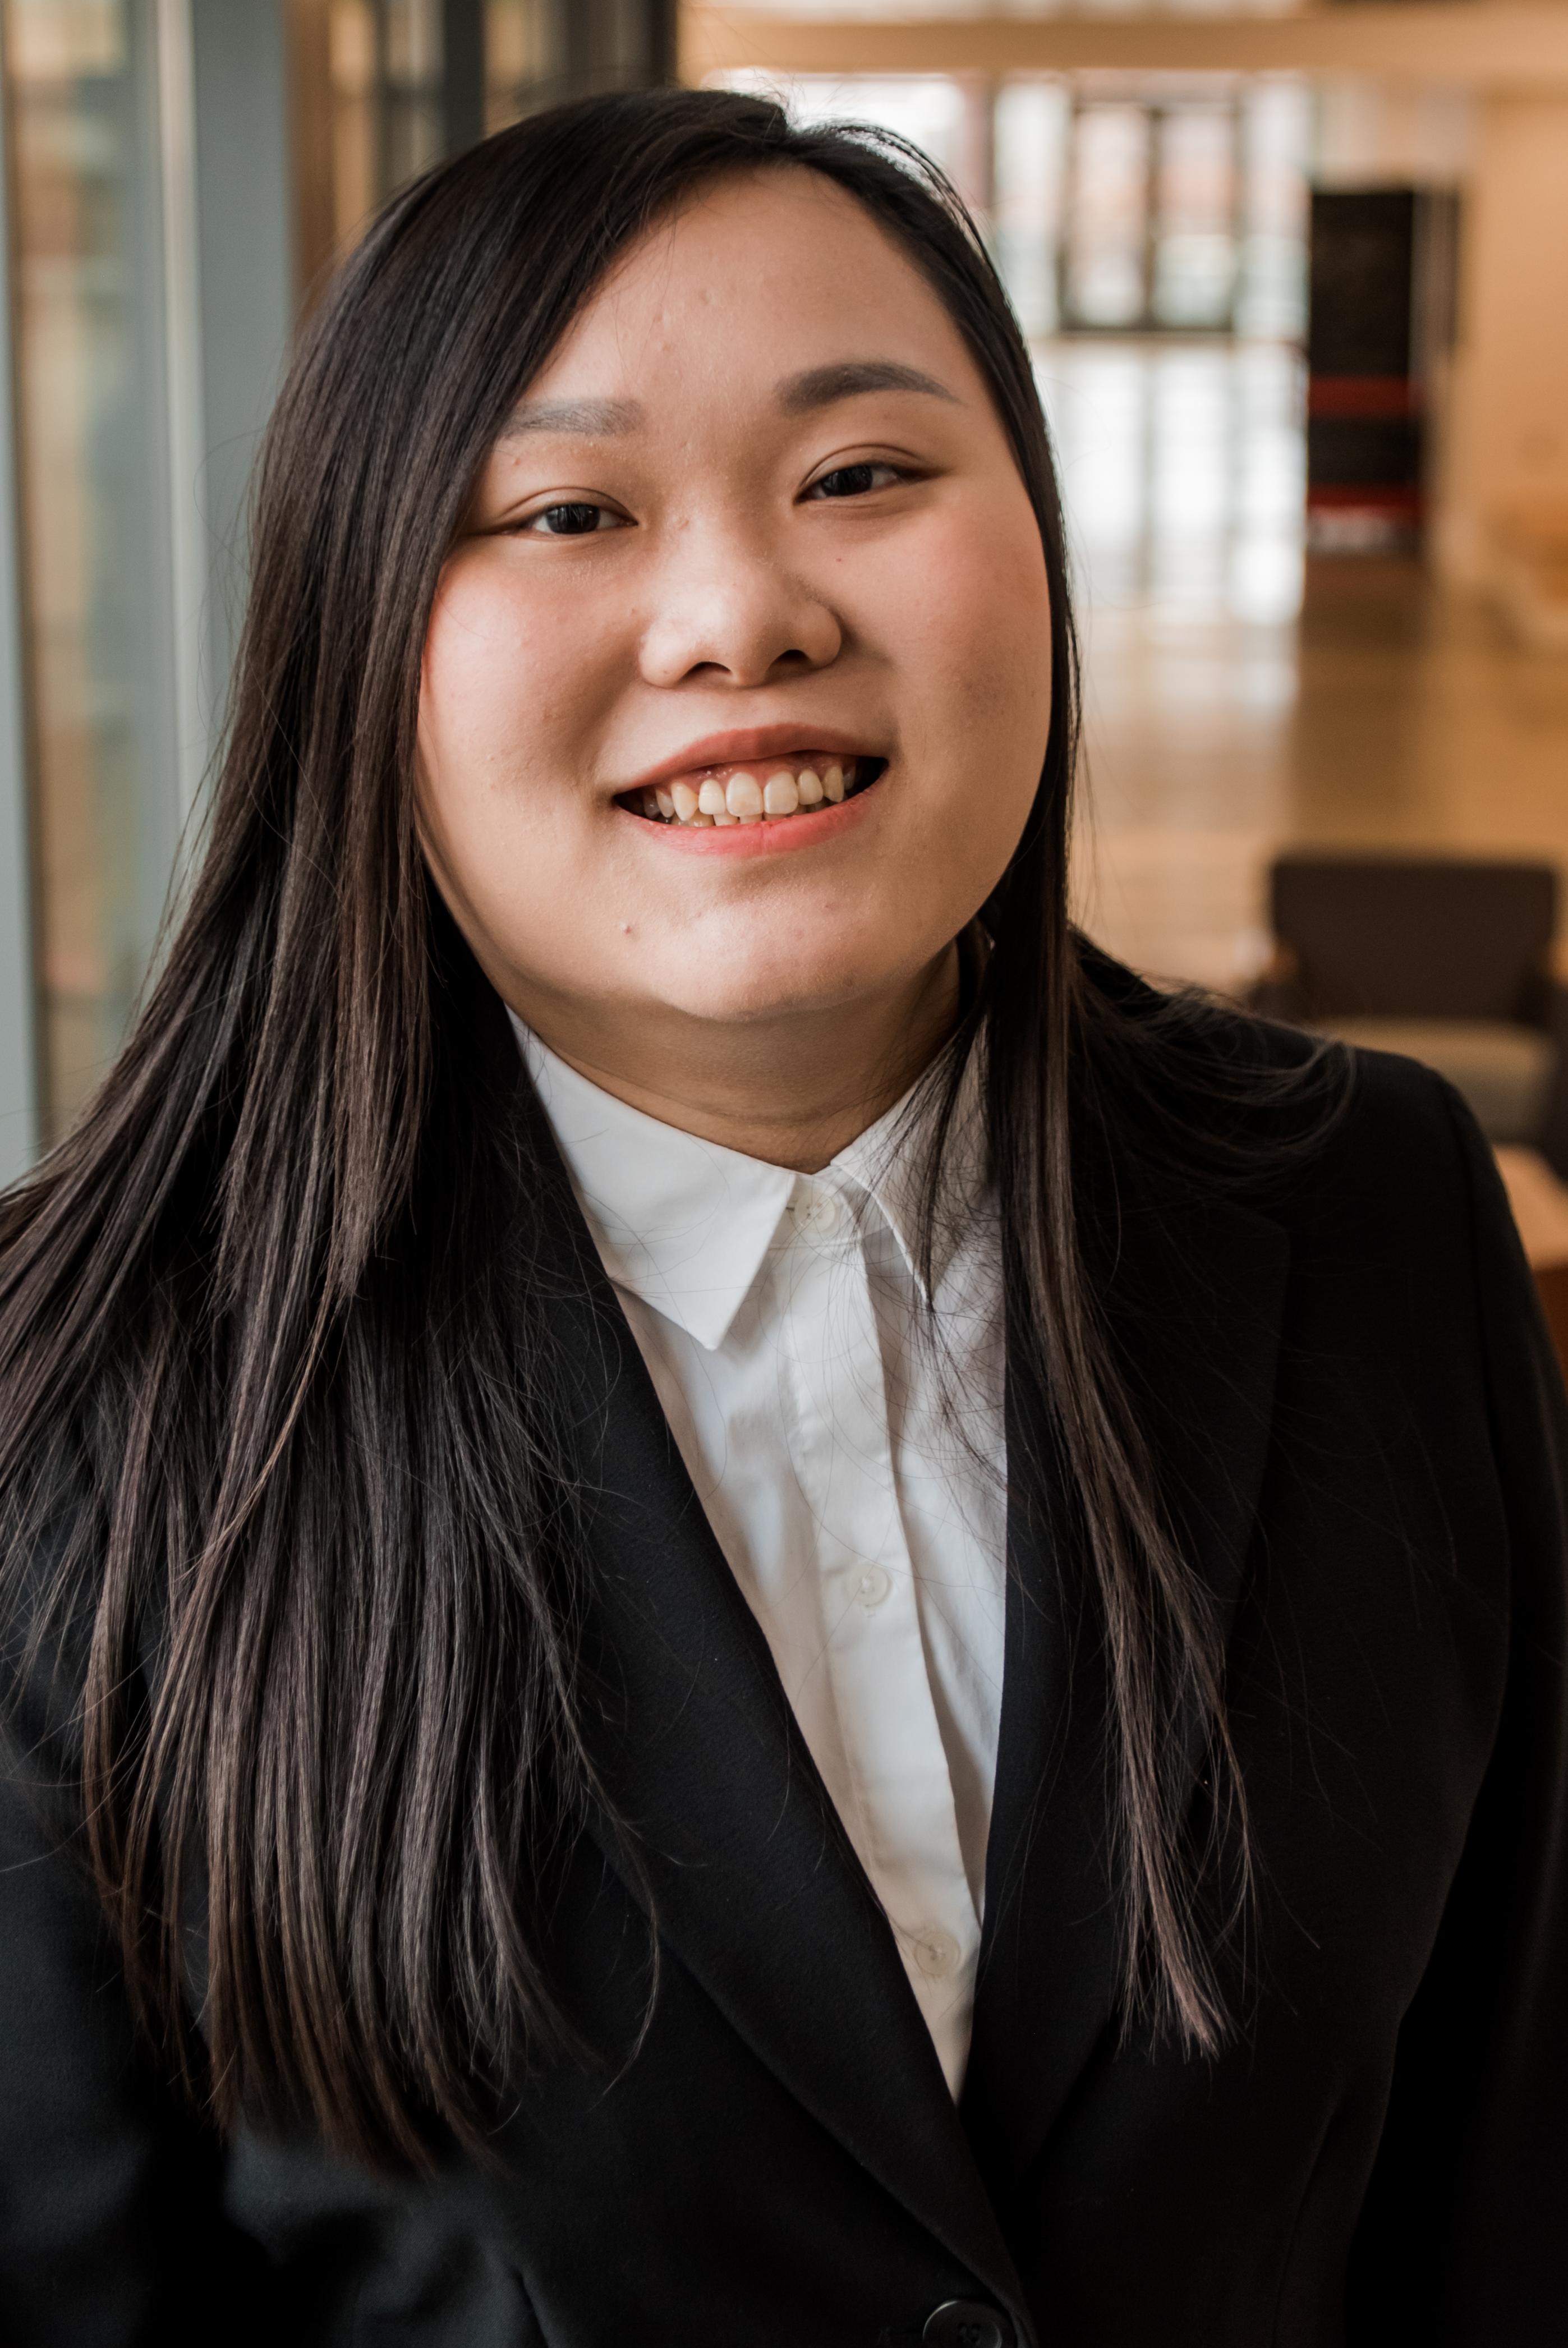 Phoebe Ching Ting Lai